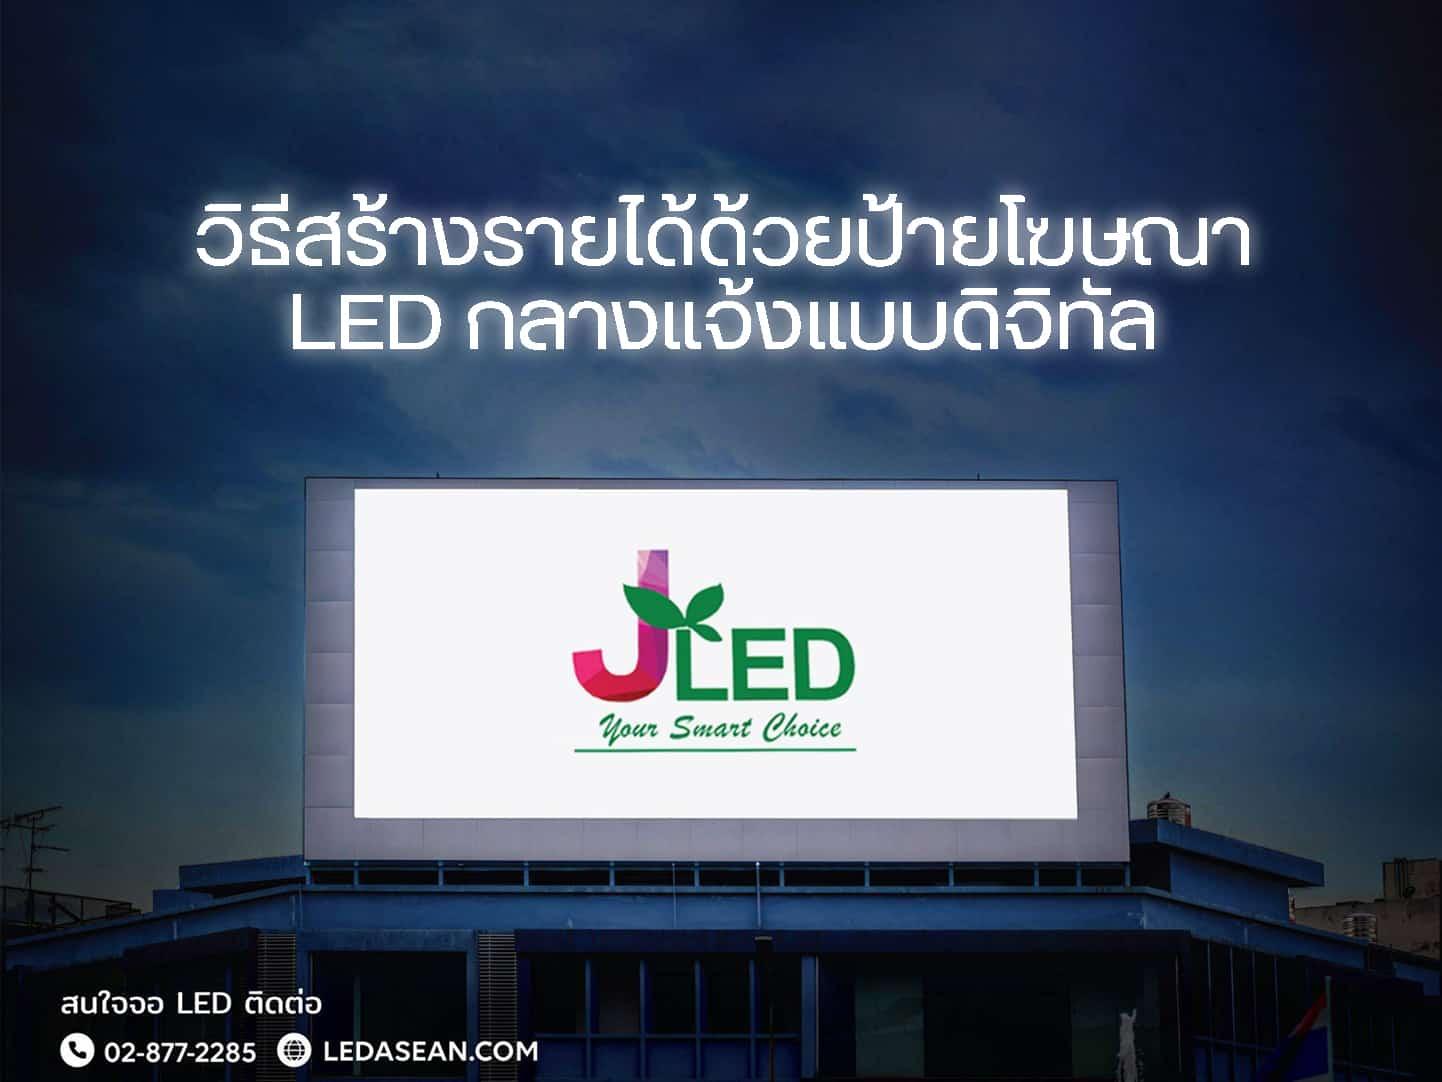 วิธีสร้างรายได้ด้วยป้ายโฆษณา LED กลางแจ้งแบบดิจิทัล